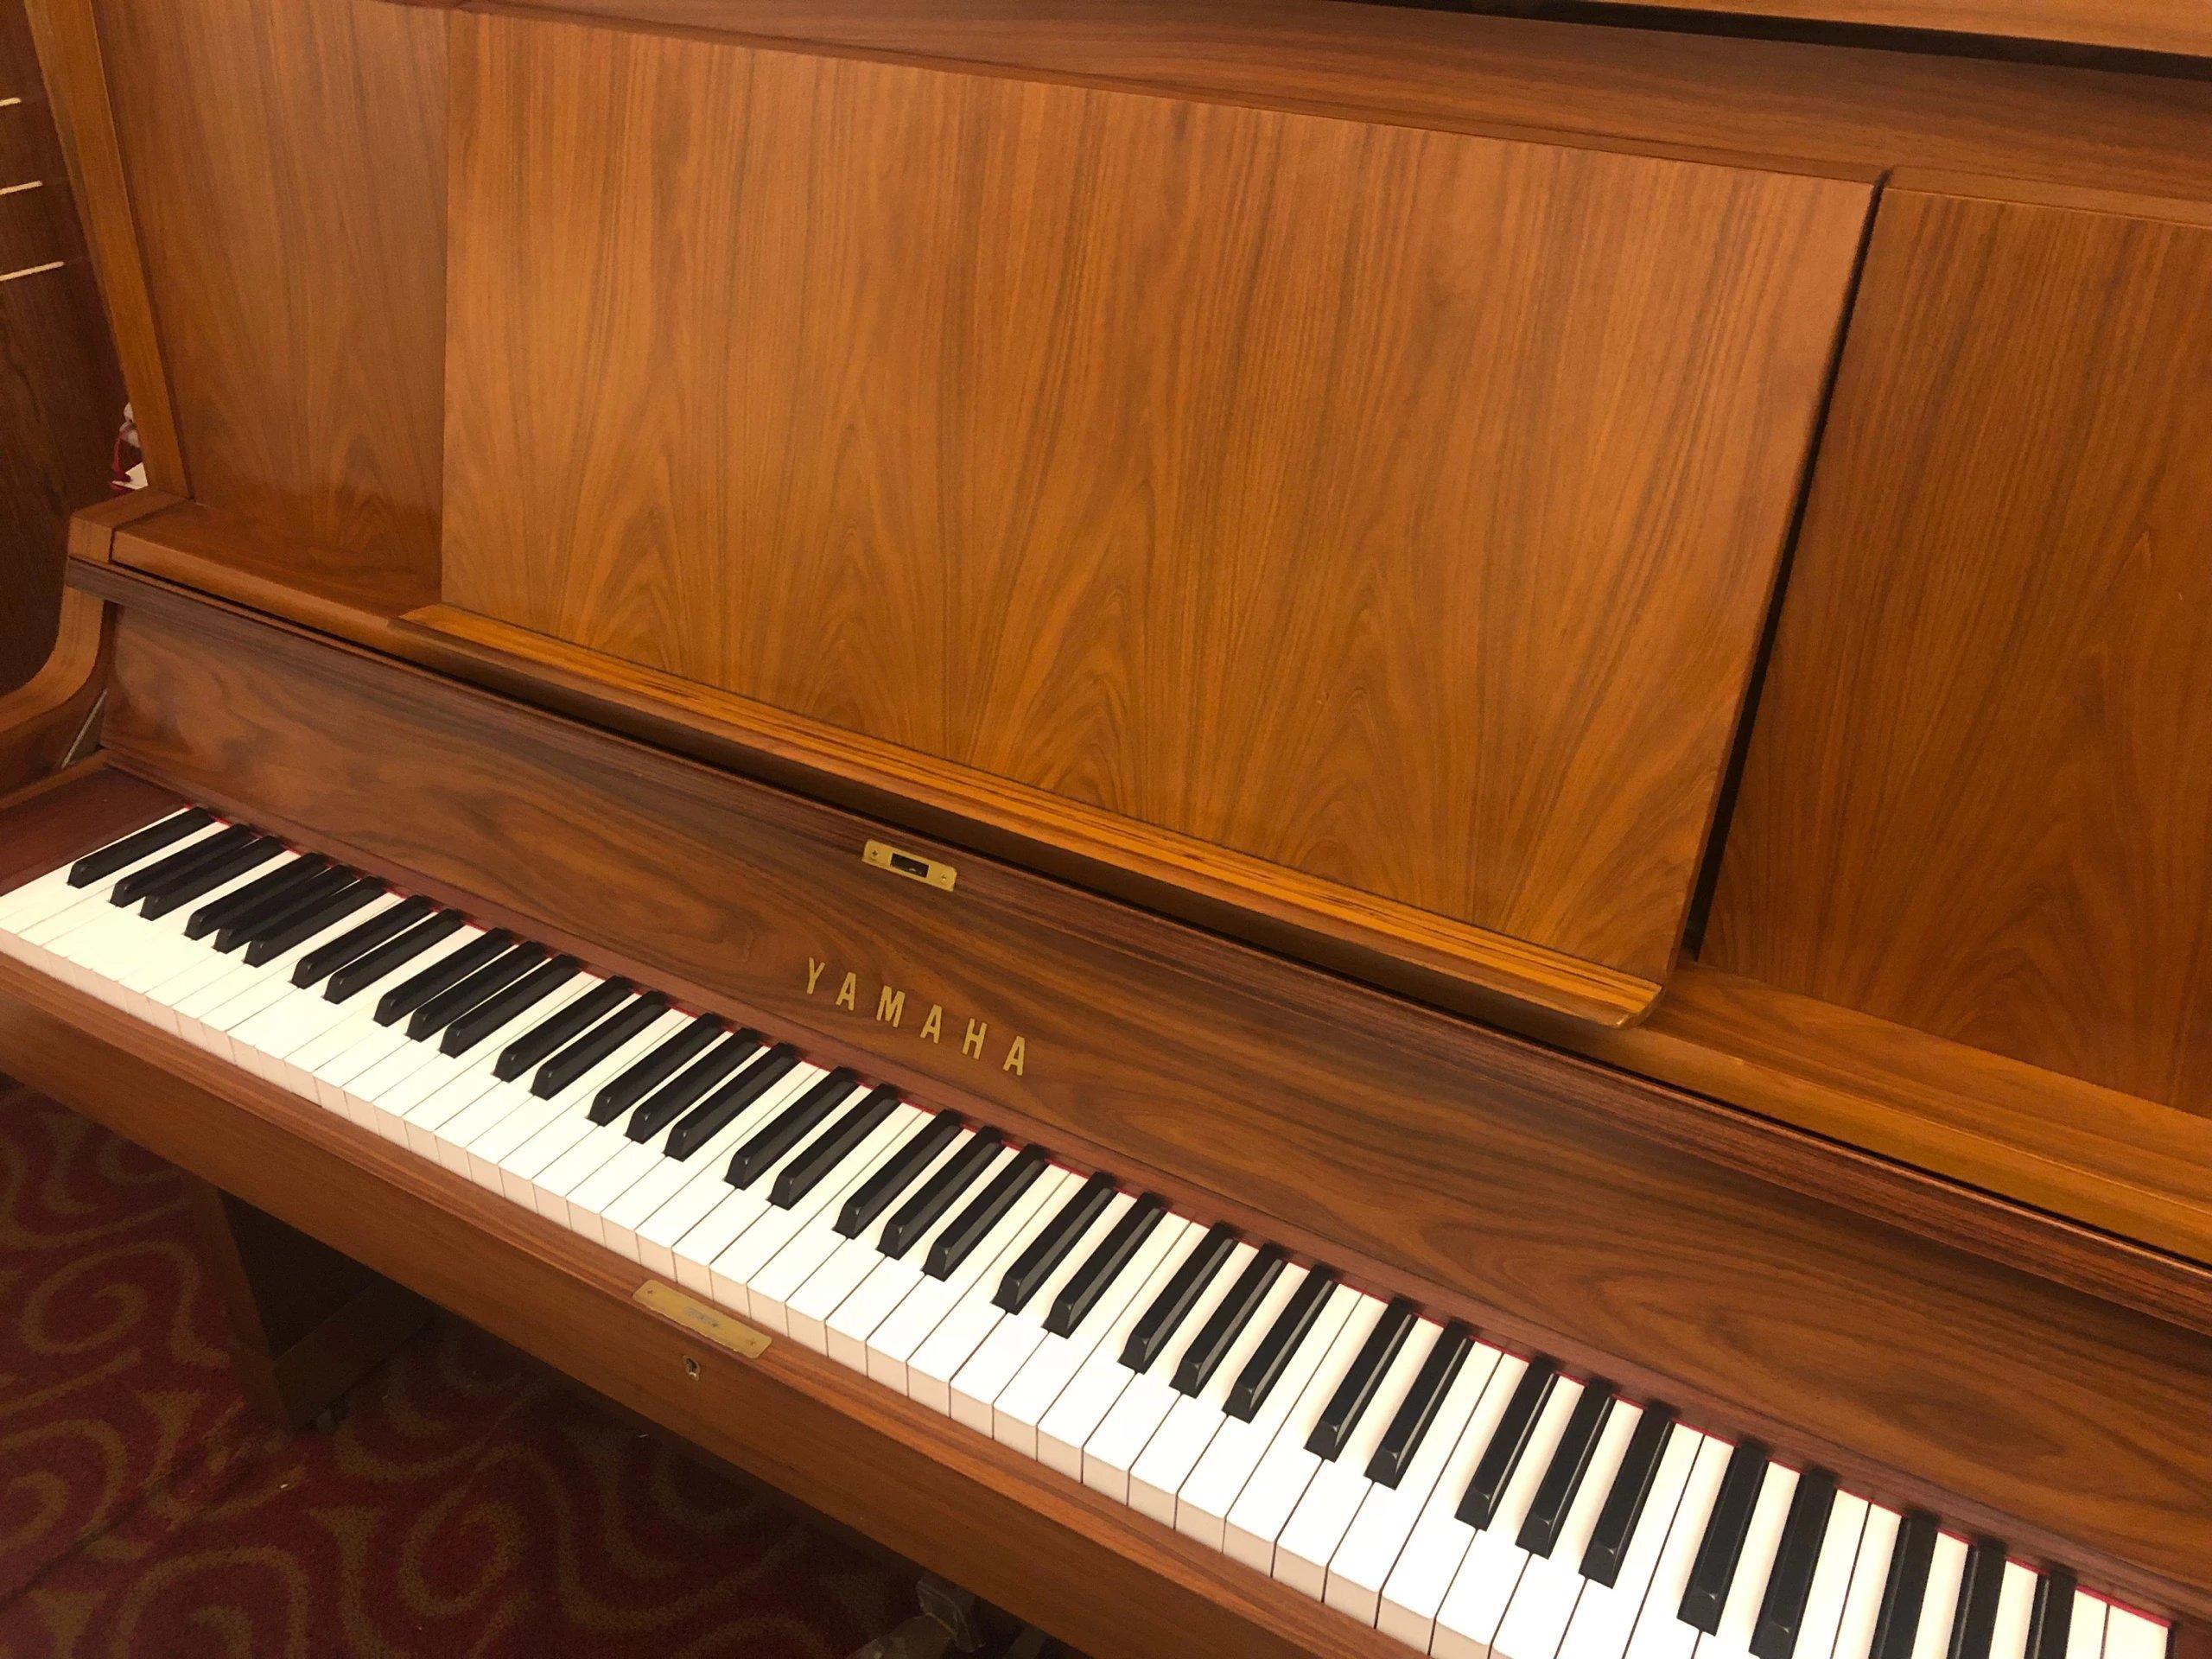 温州钢琴供应商 台州琴行 温州钢琴哪家好 立式钢琴厂家 钢琴那个牌子好 雅马哈钢琴W101